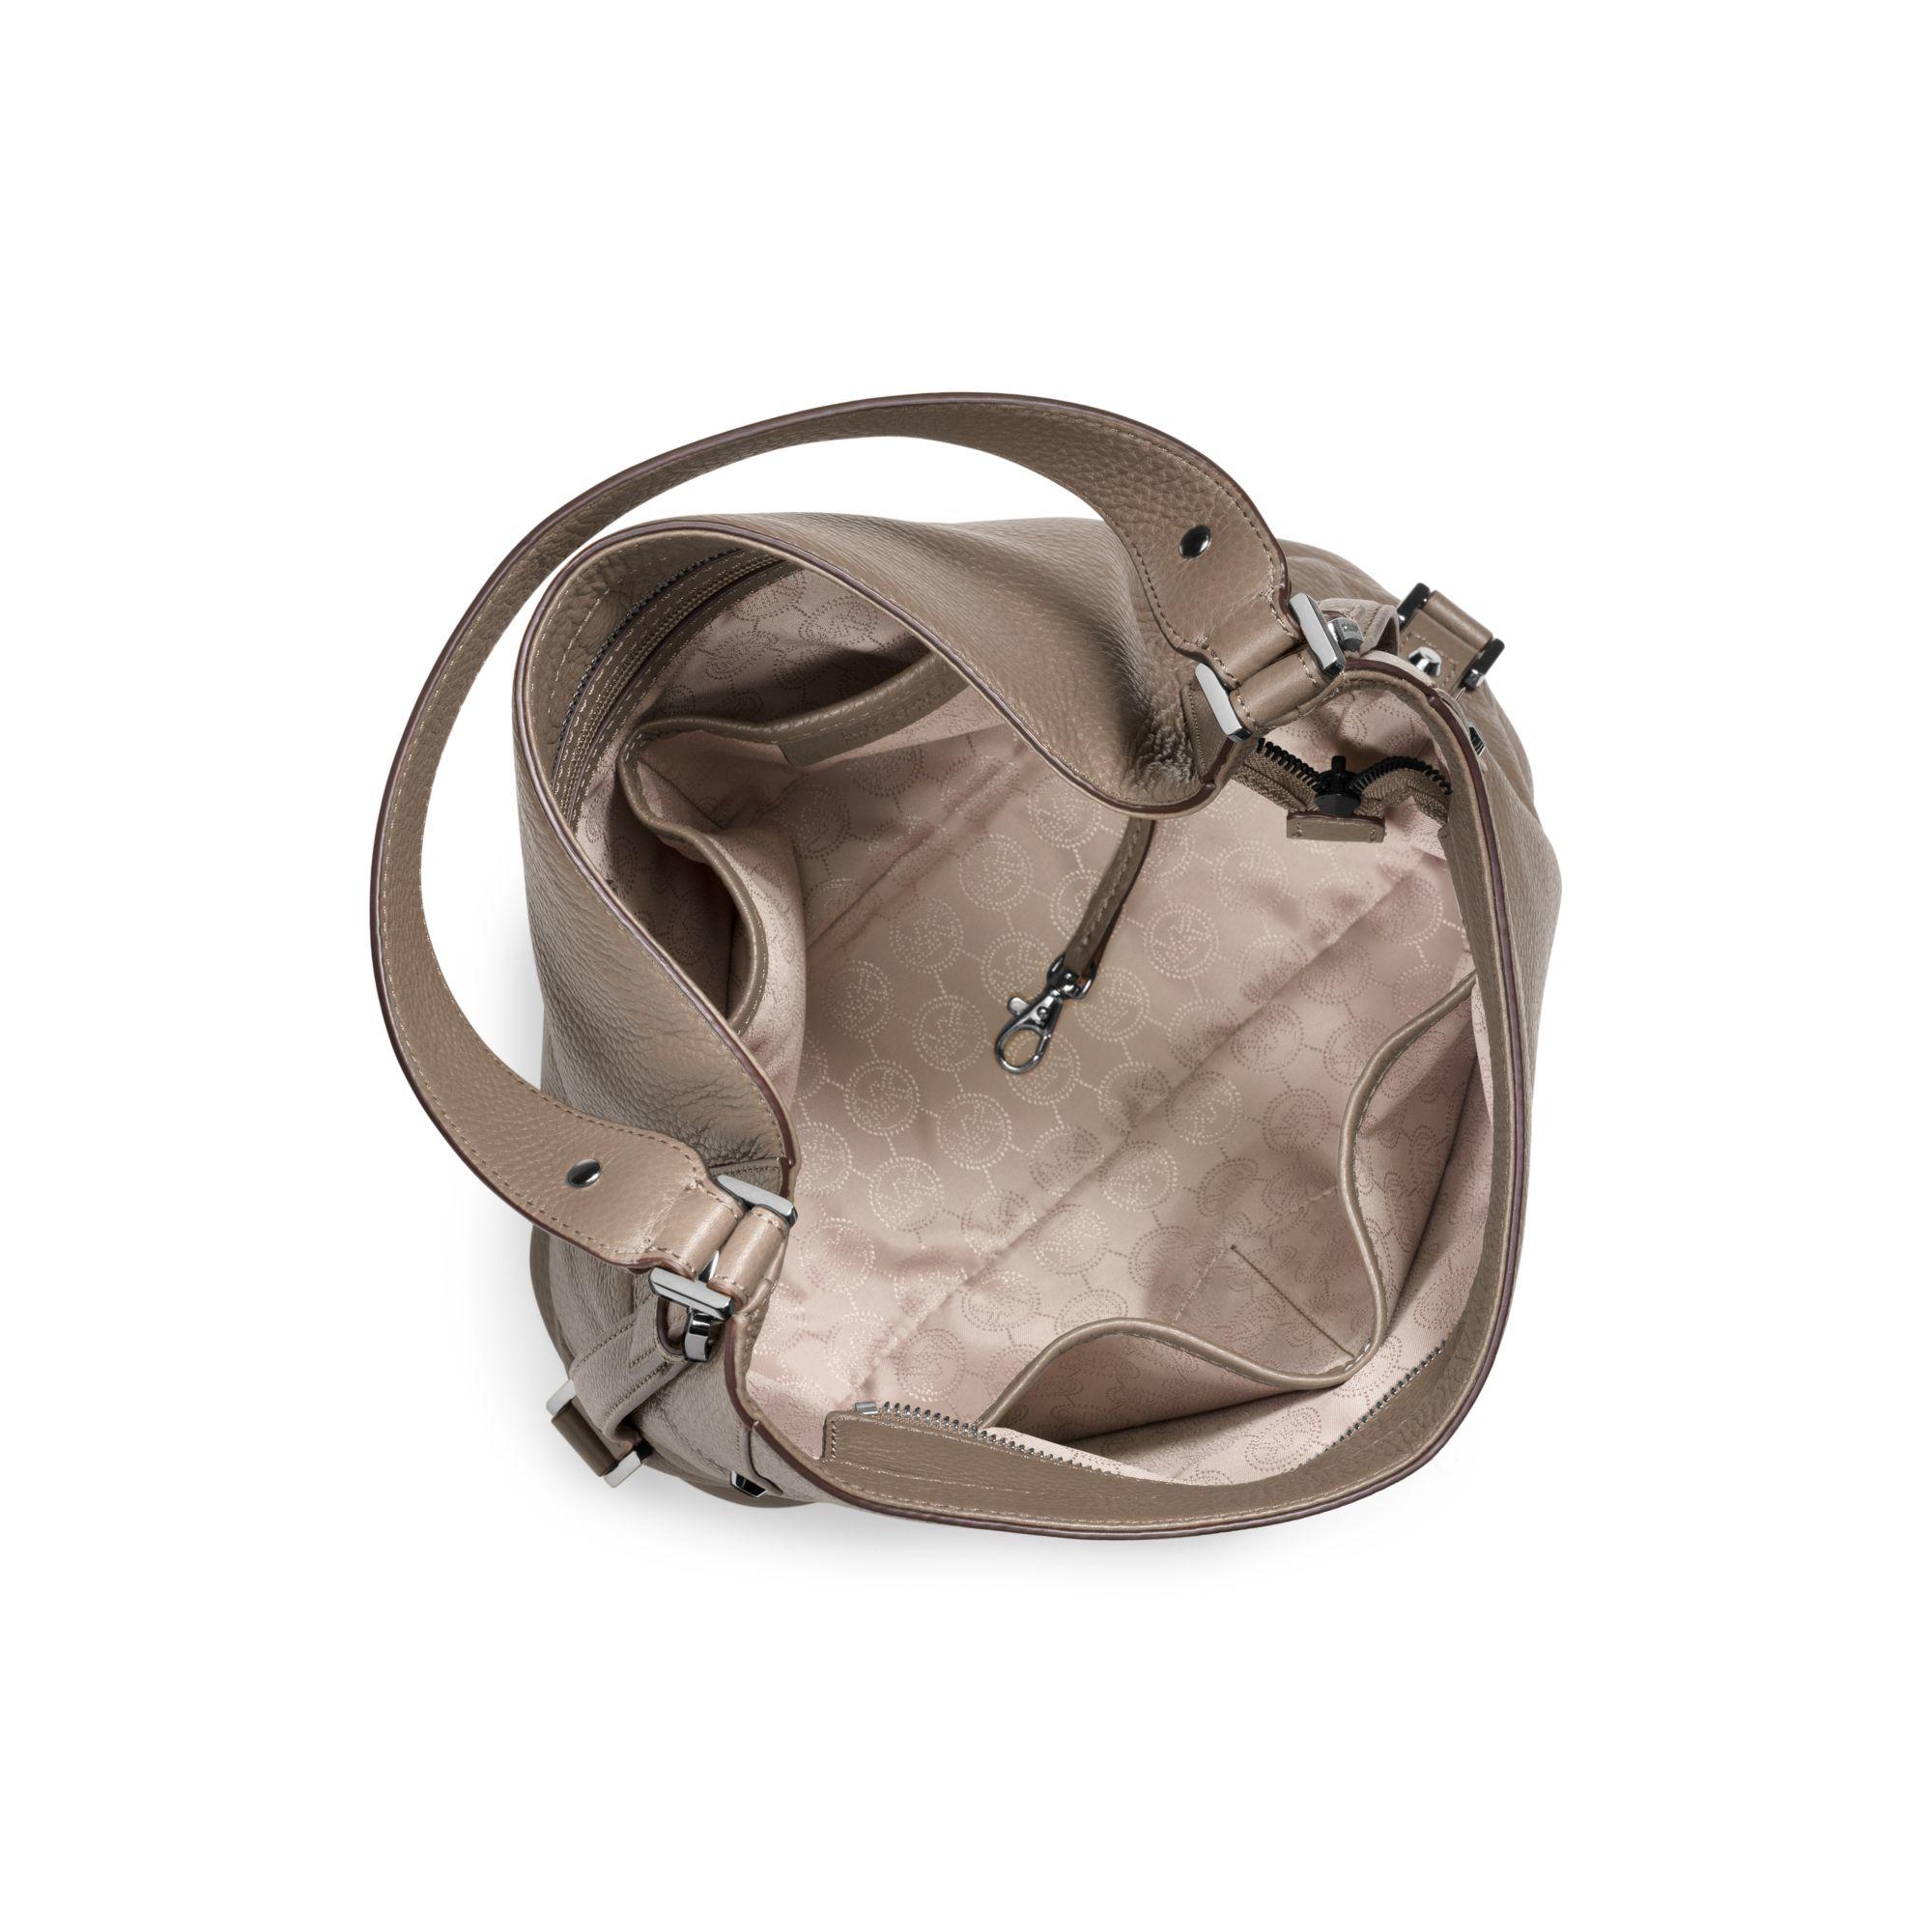 michael kors bedford large leather shoulder bag in brown. Black Bedroom Furniture Sets. Home Design Ideas